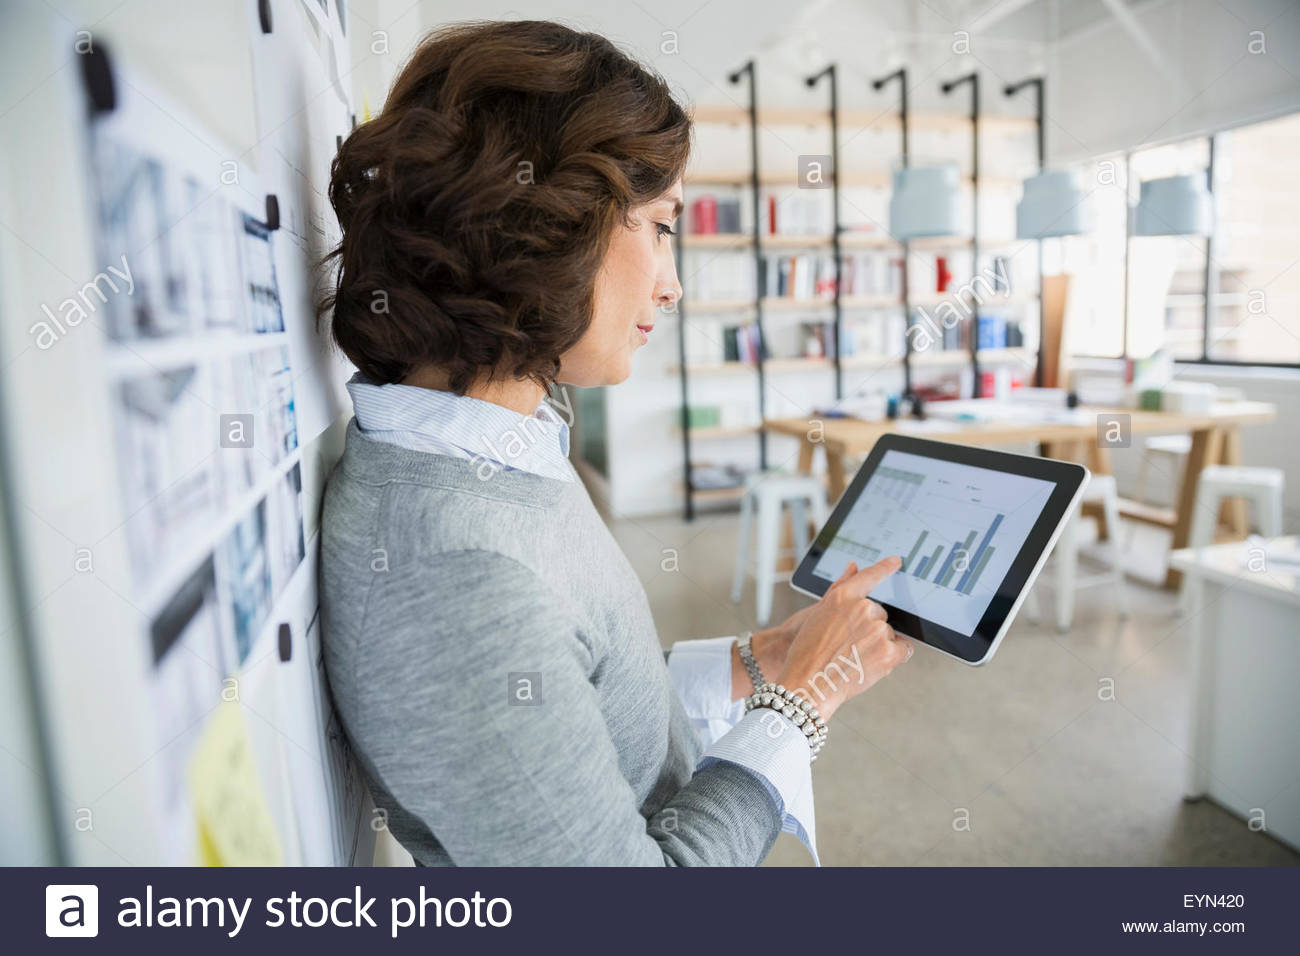 Arquitecto Ver gráfico de barras en la oficina de tableta digital Imagen De Stock